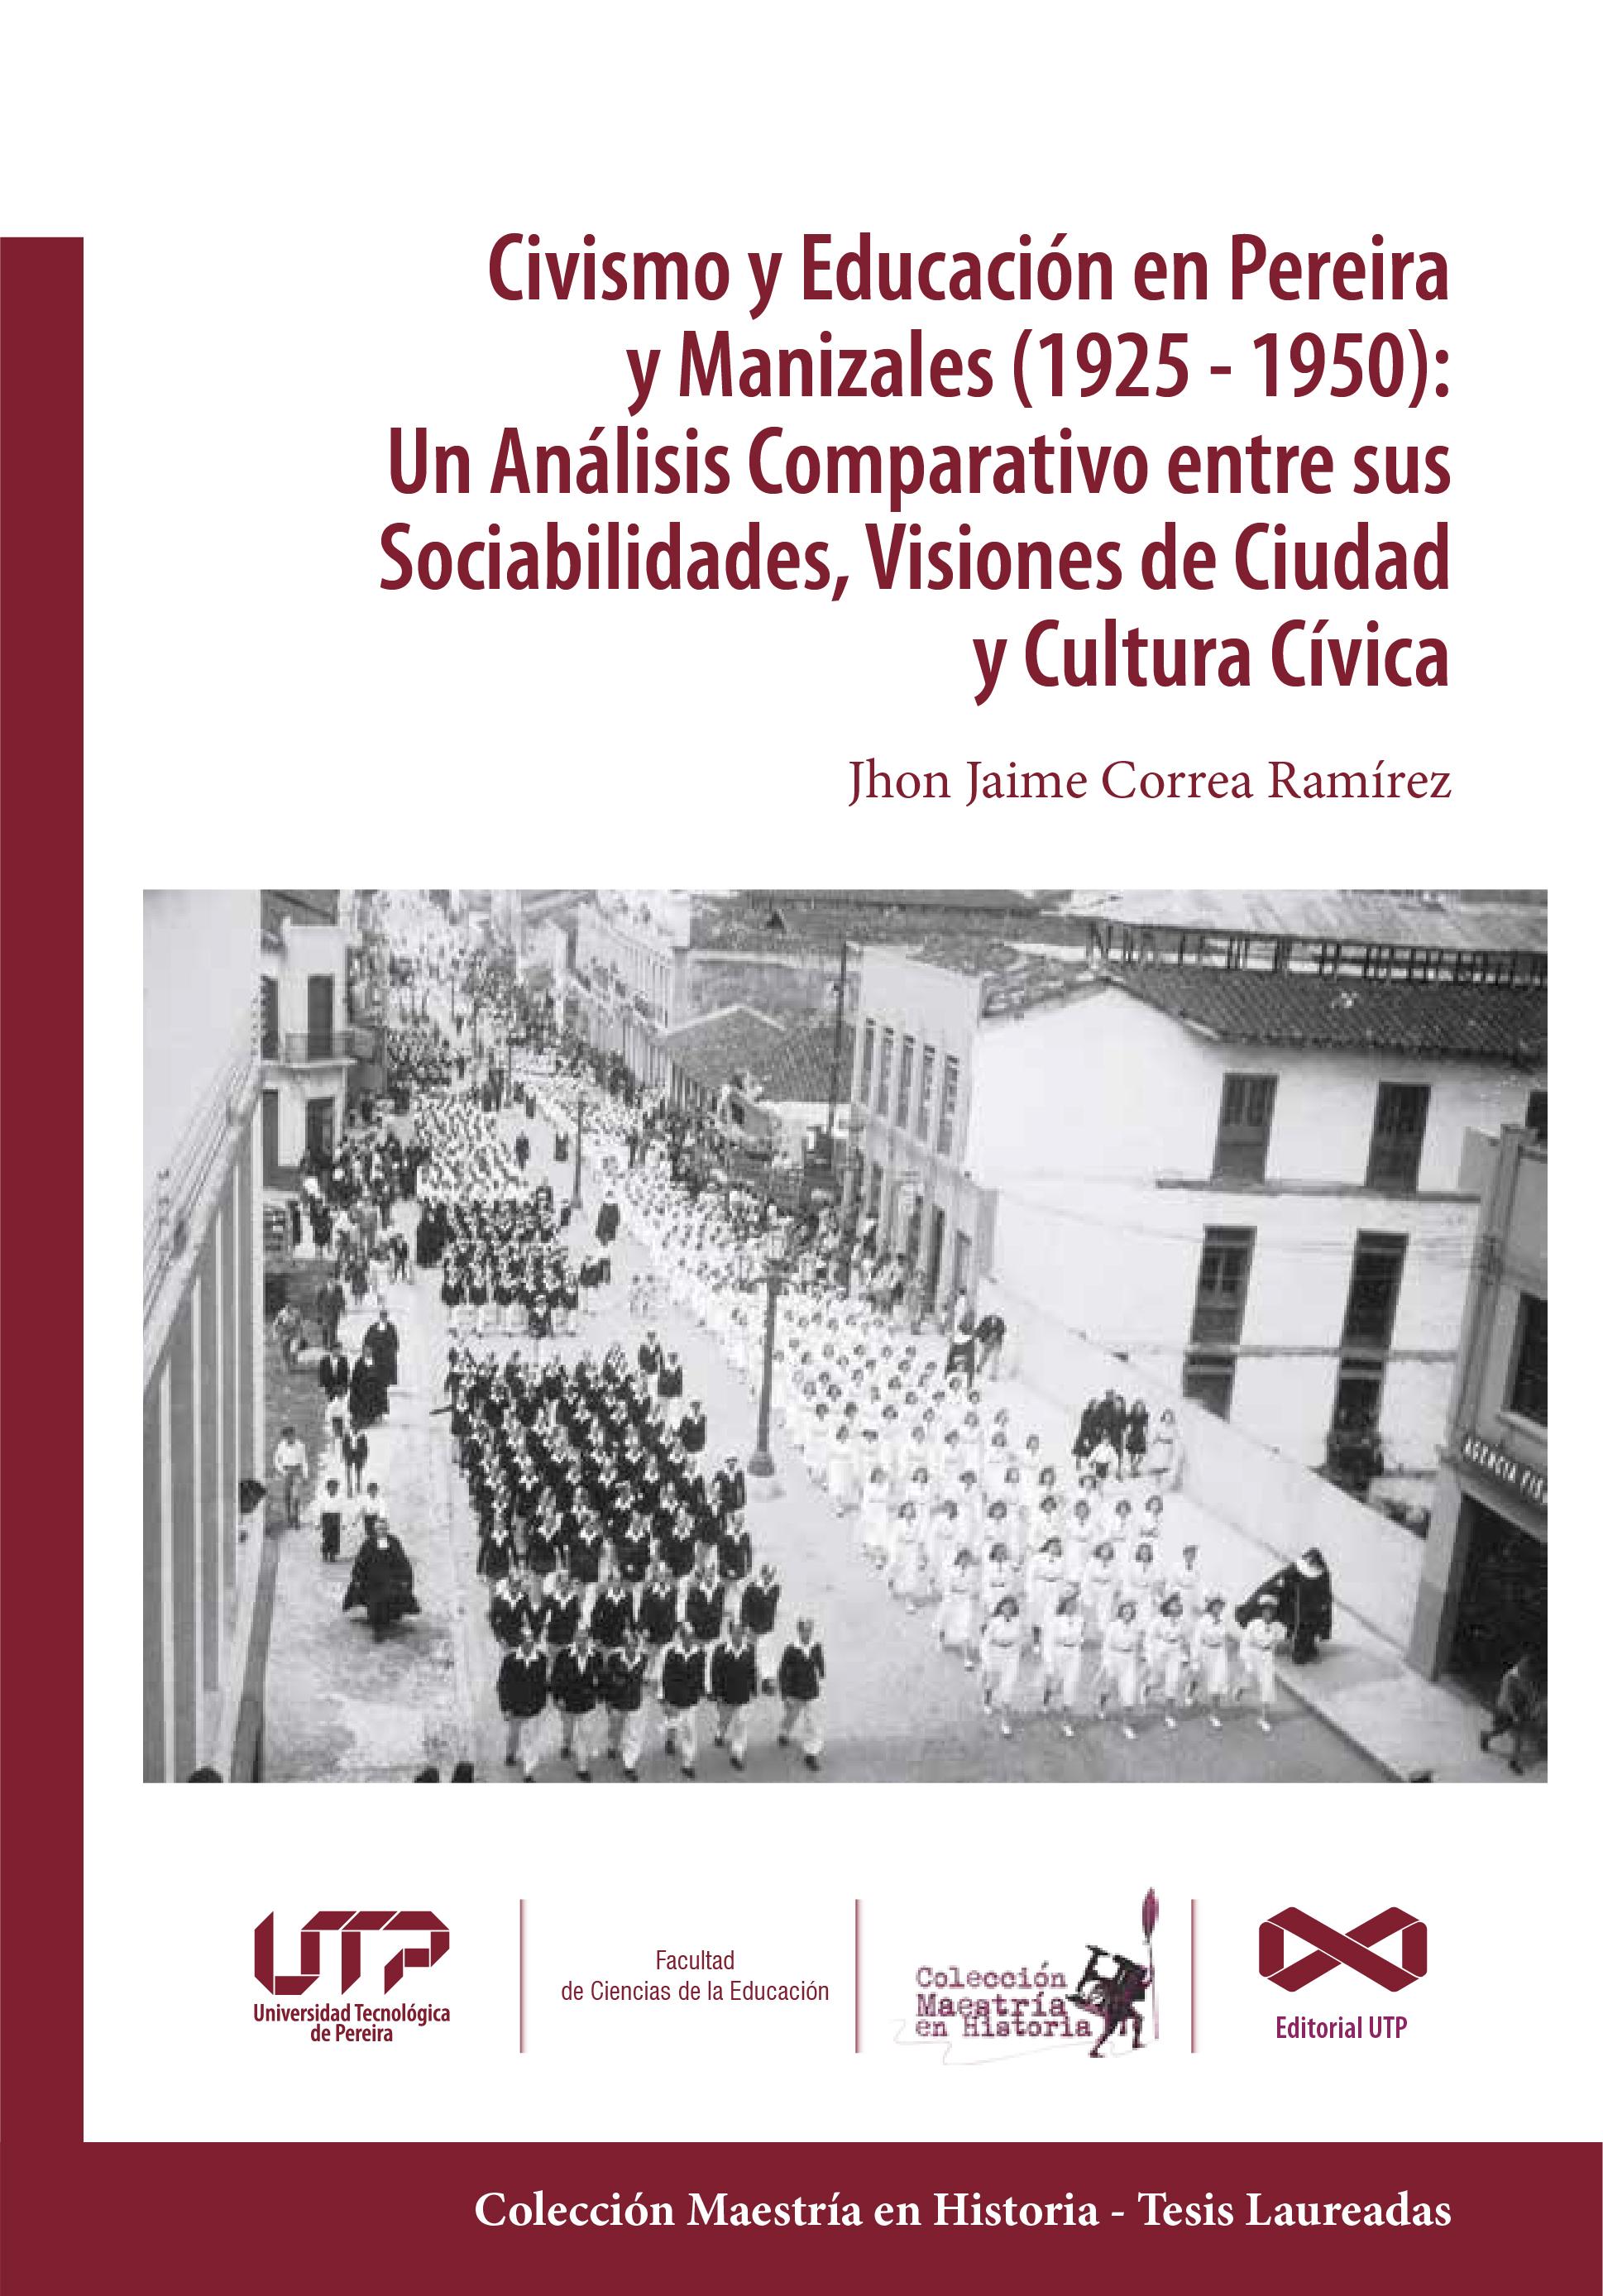 Civismo y educación en Pereira y Manizales (1925-1950): Un análisis comparativo entre sus sociabilidades, visiones de ciudad y cultura cívica